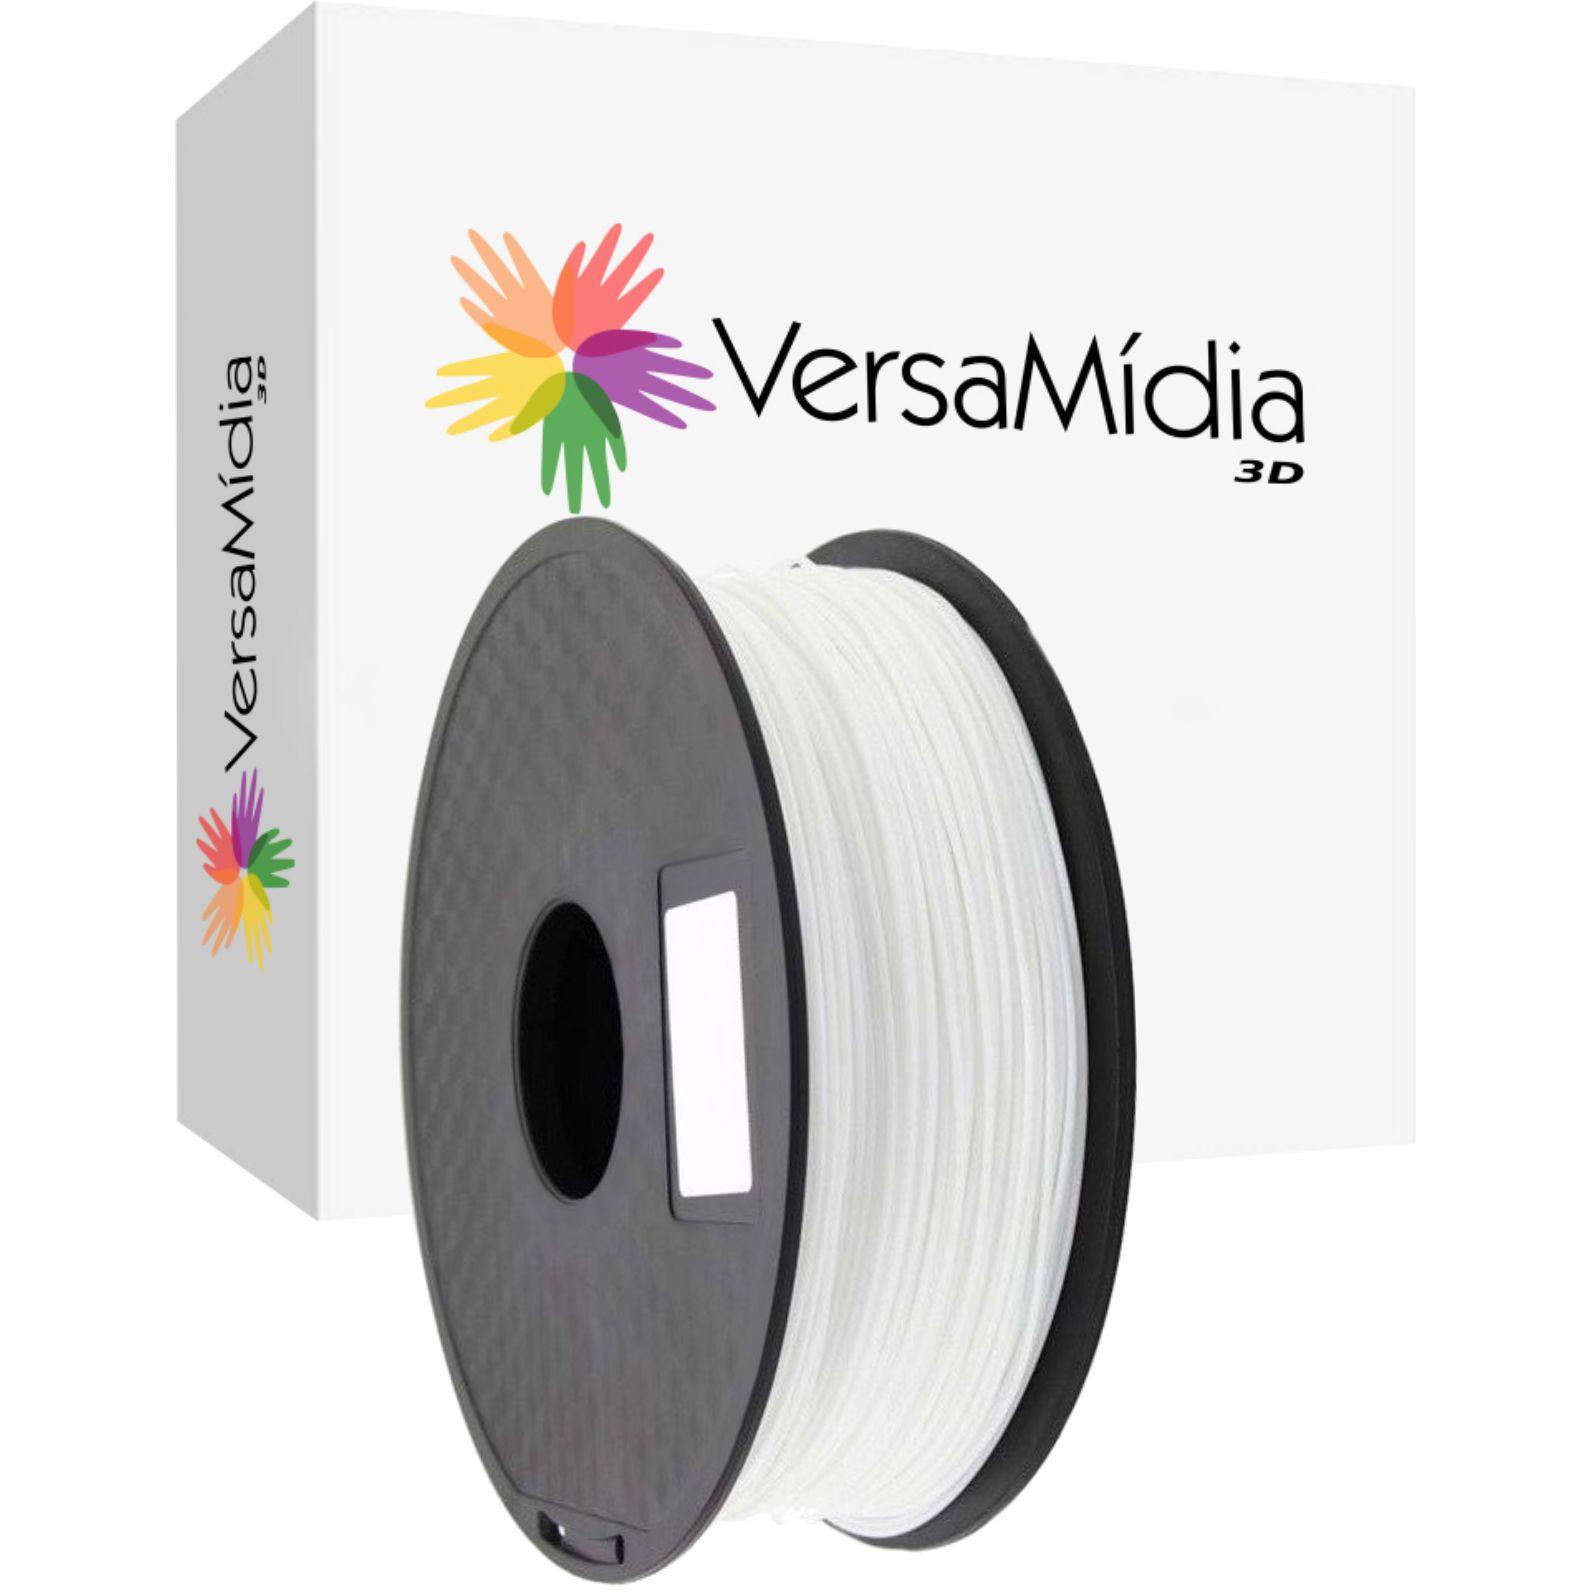 Filamento Flexível TPR  Premium 1.75mm 0.8Kg Bobina Black Spool Impressão 3D 2ª Geração - 11525